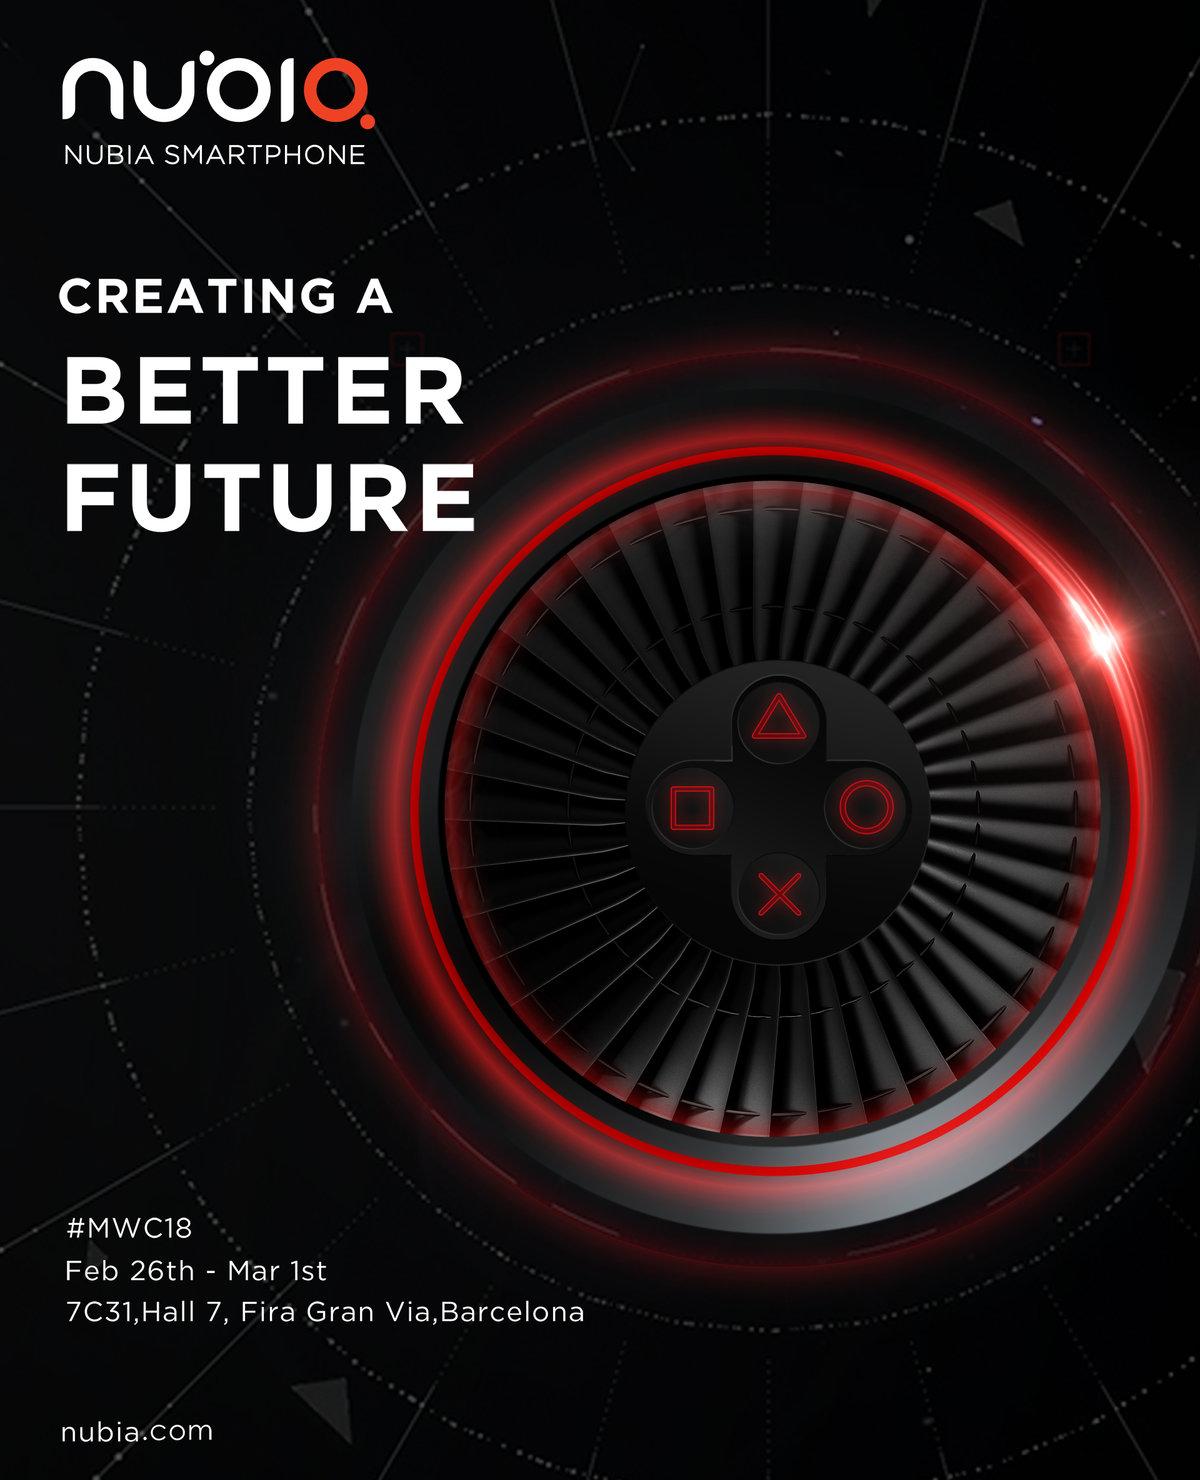 游戏机+性能怪兽+Hi-Fi?nubia将在MWC发布骁龙845新机 - 热点资讯 首页 第4张